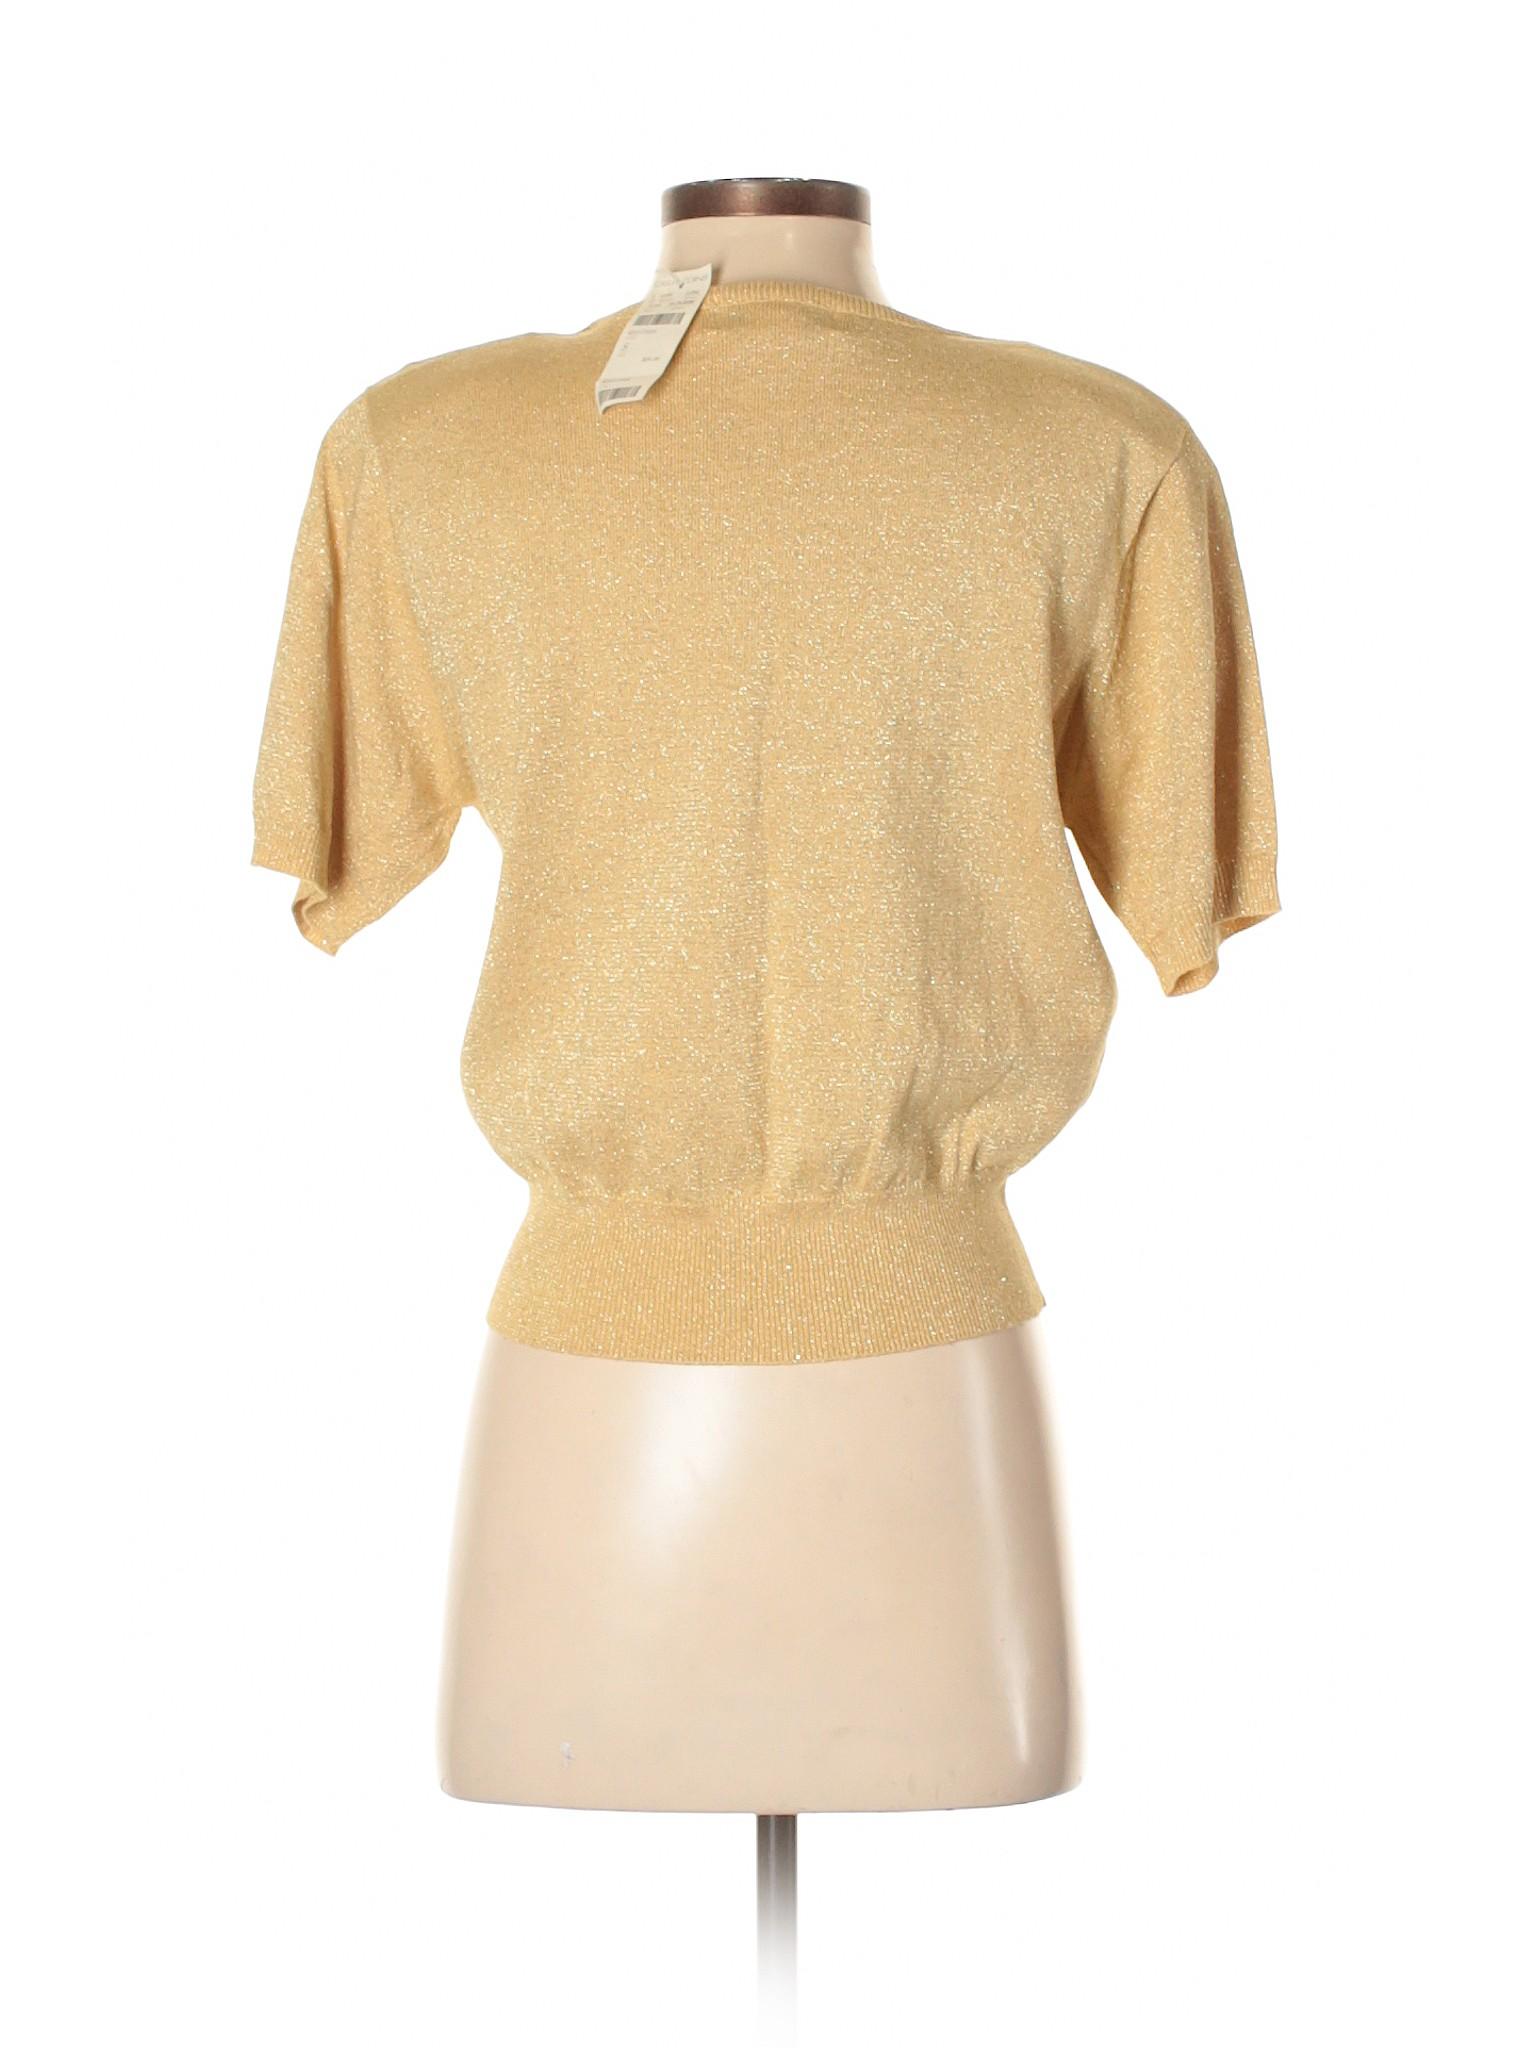 Sweater Boutique Casual Boutique Corner Casual Corner Pullover Pullover Sweater A8fwp